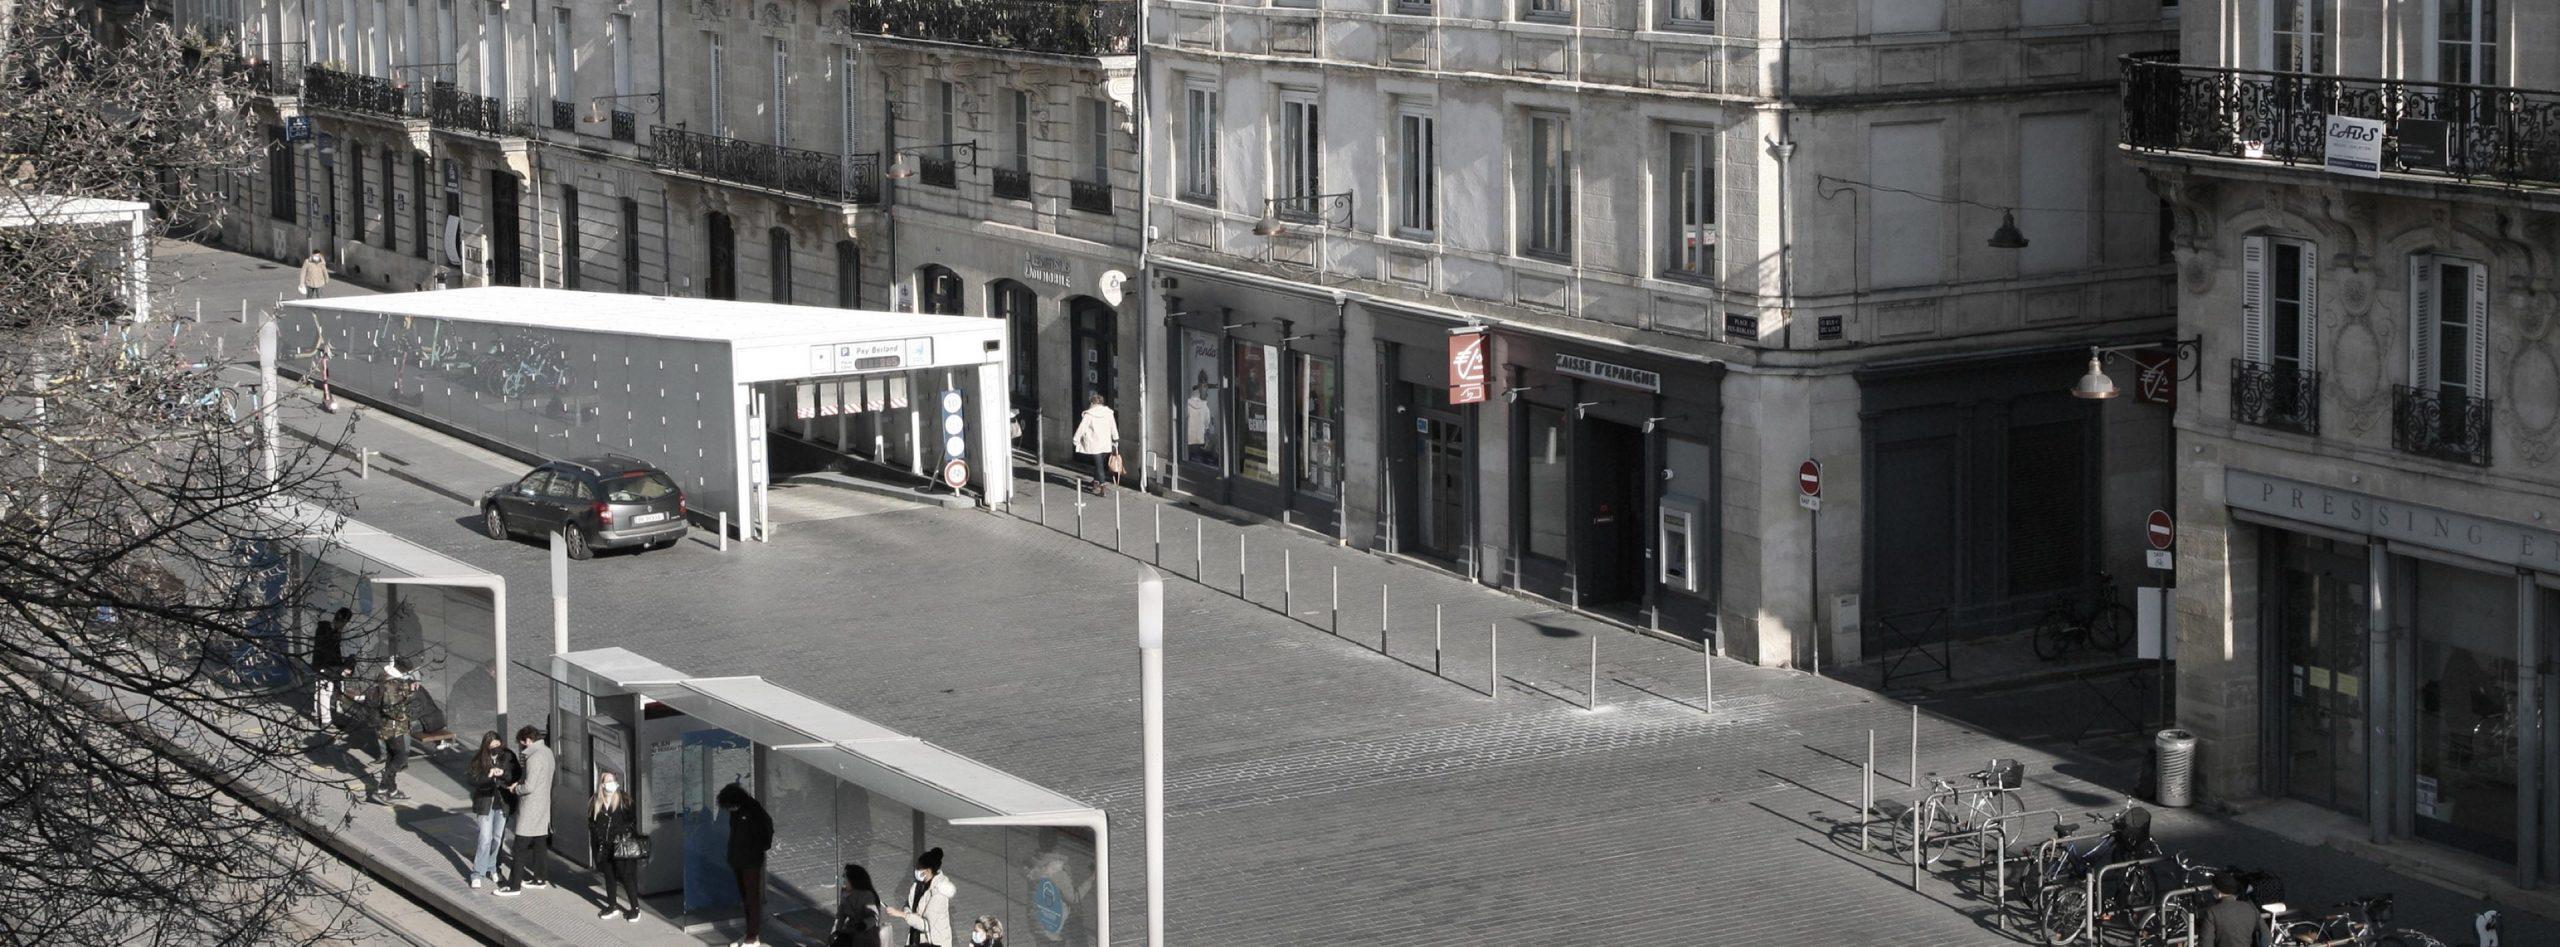 Parking Pey-Berland au coeur de Bordeaux, parking sur la place Pey-Berland, à coté de l'hôtel de ville de Bordeaux.